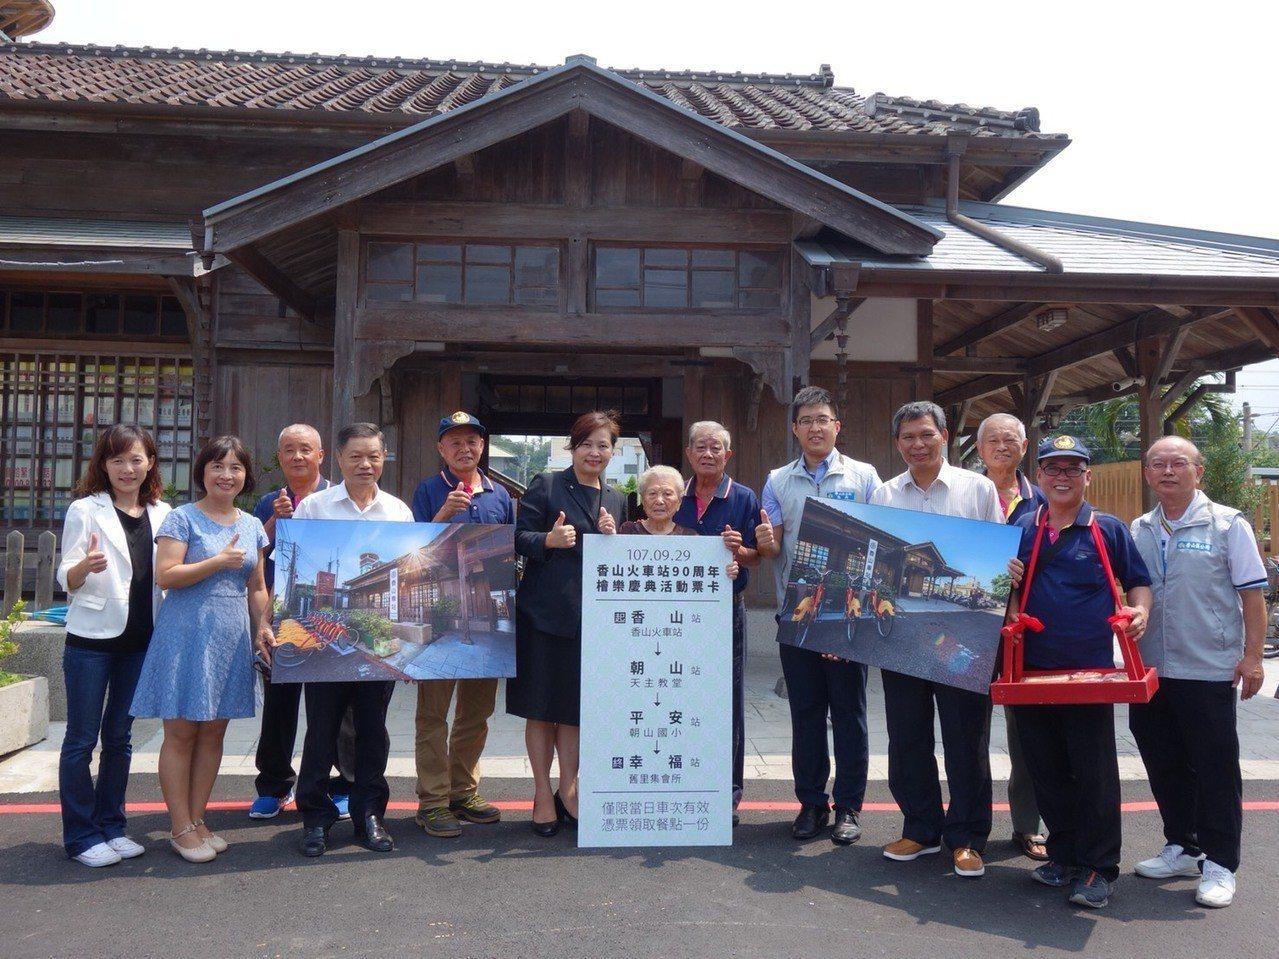 新竹市政府將於9月29日上午9點,為台鐵縱貫線香山火車站舉辦「90周年檜樂慶典活...